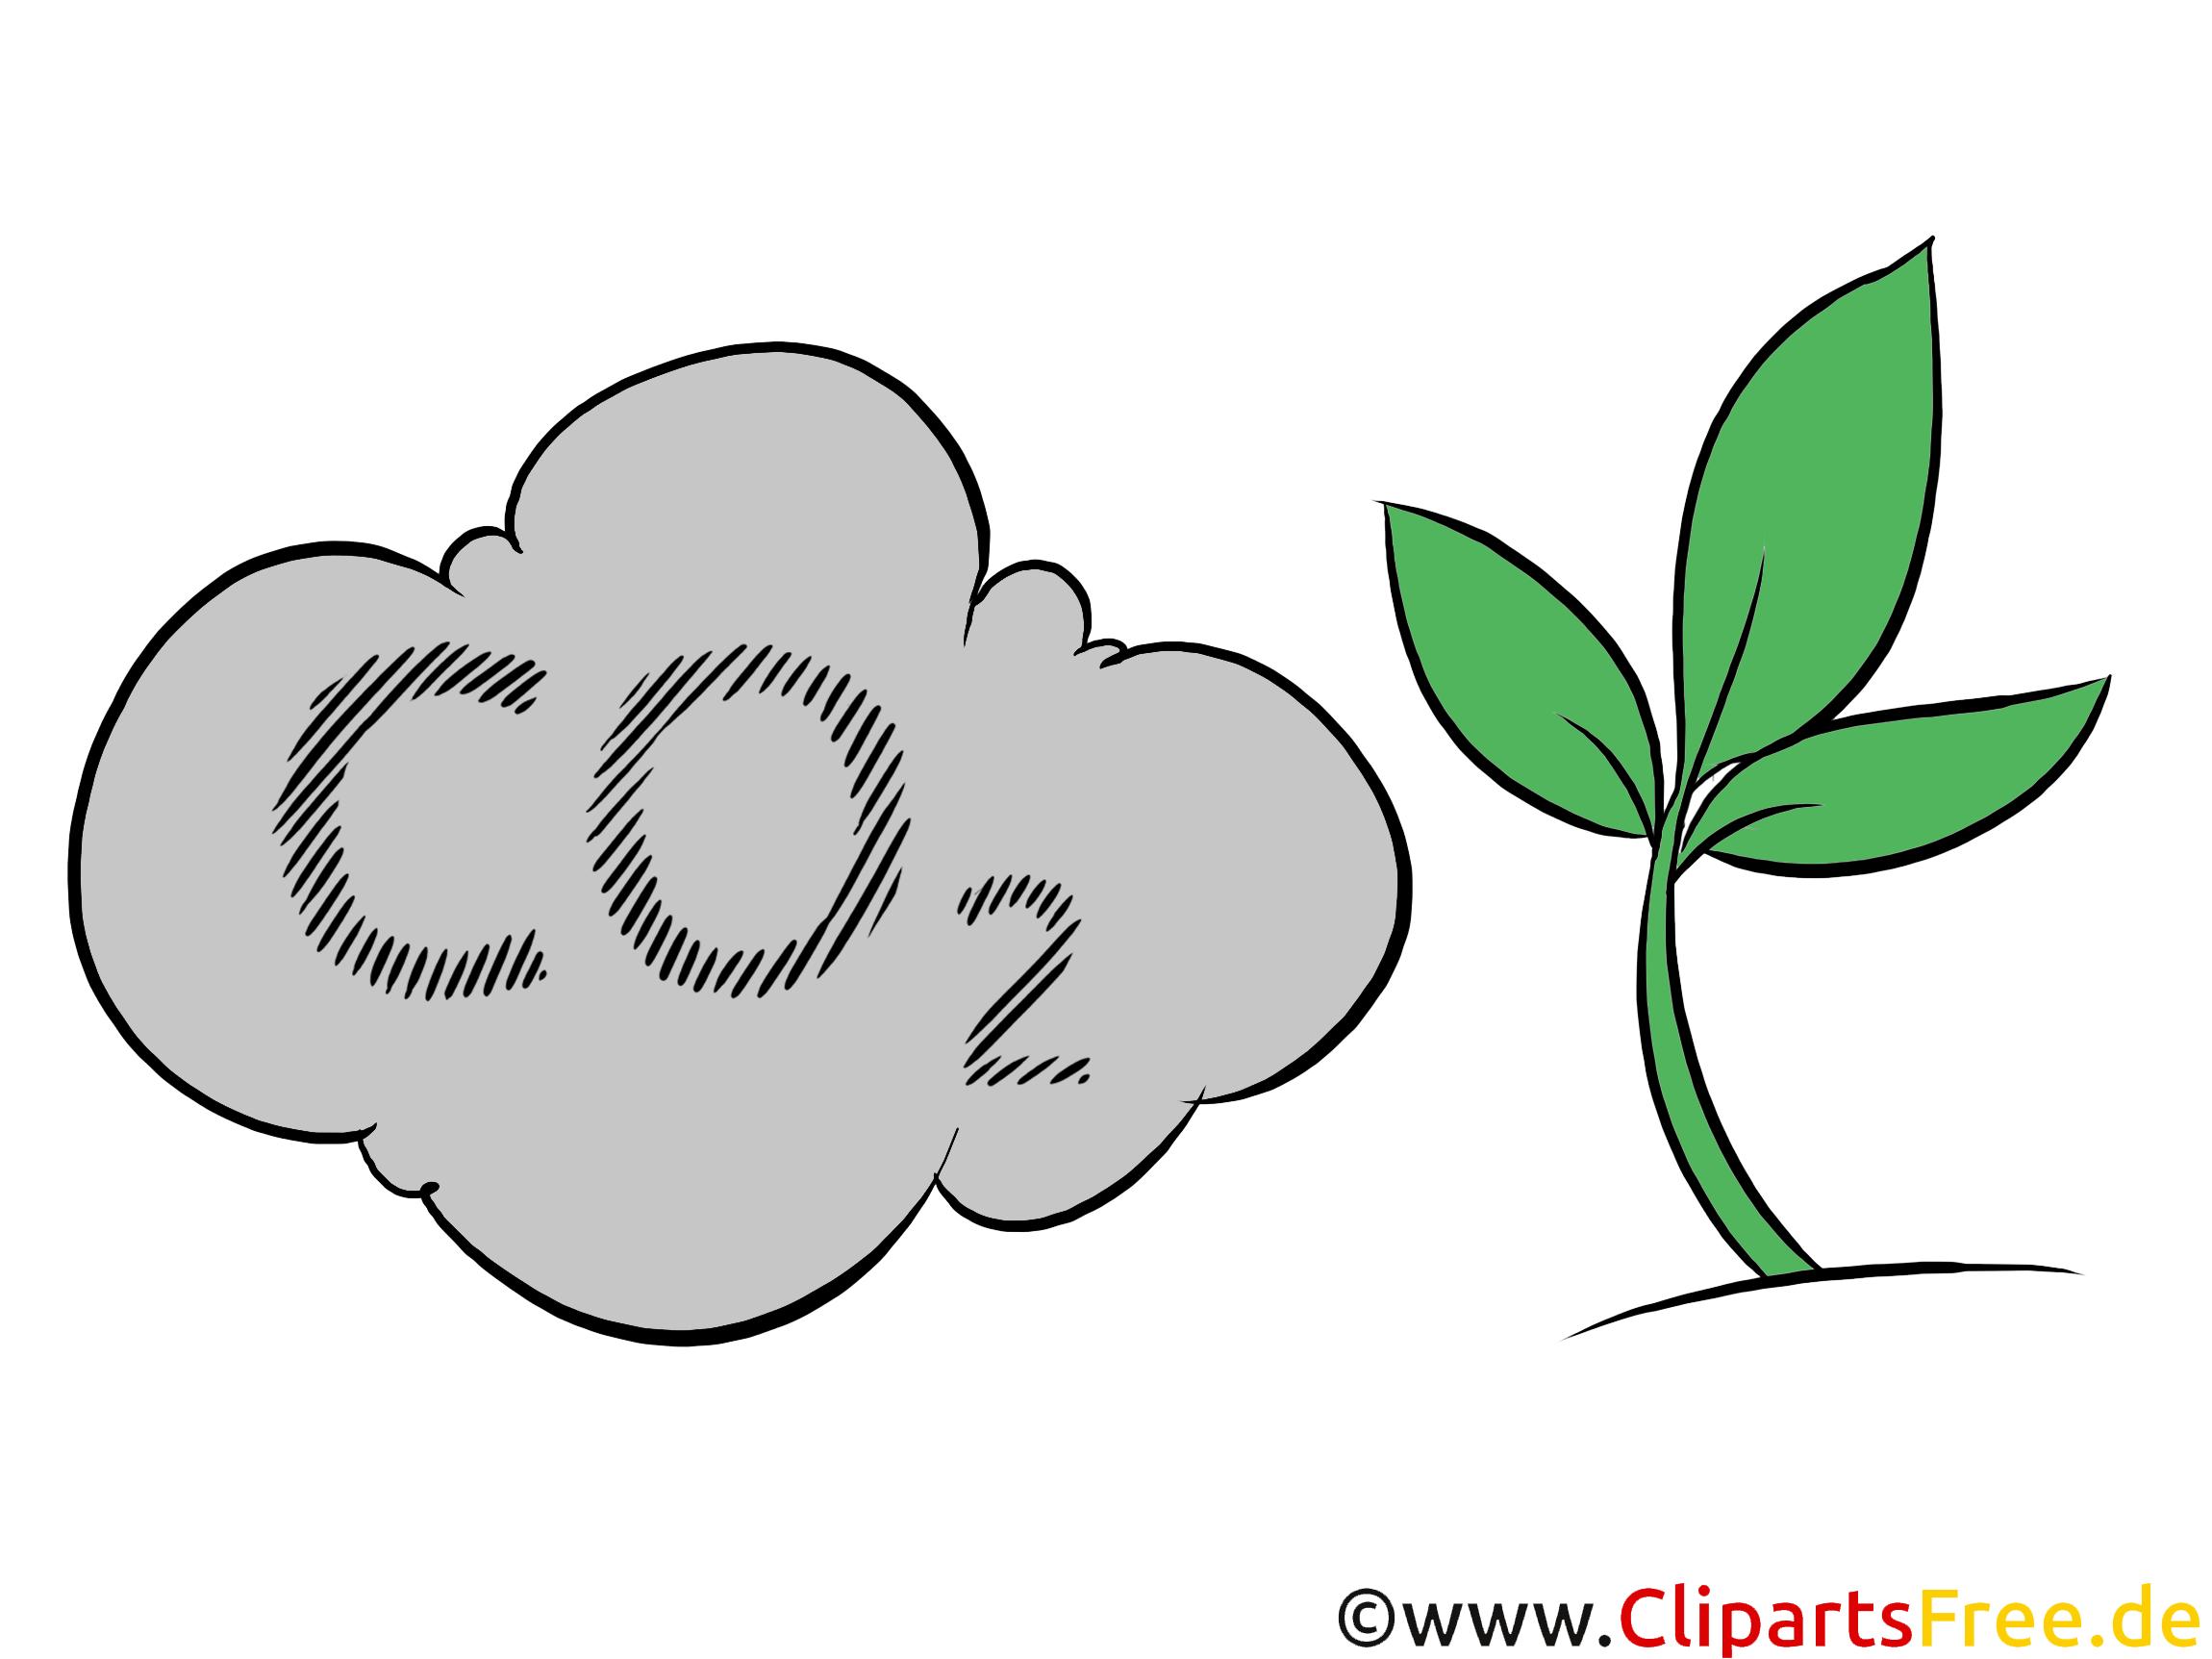 Stock Clipart zum Thema Co2-Ausstoss, Umwelt